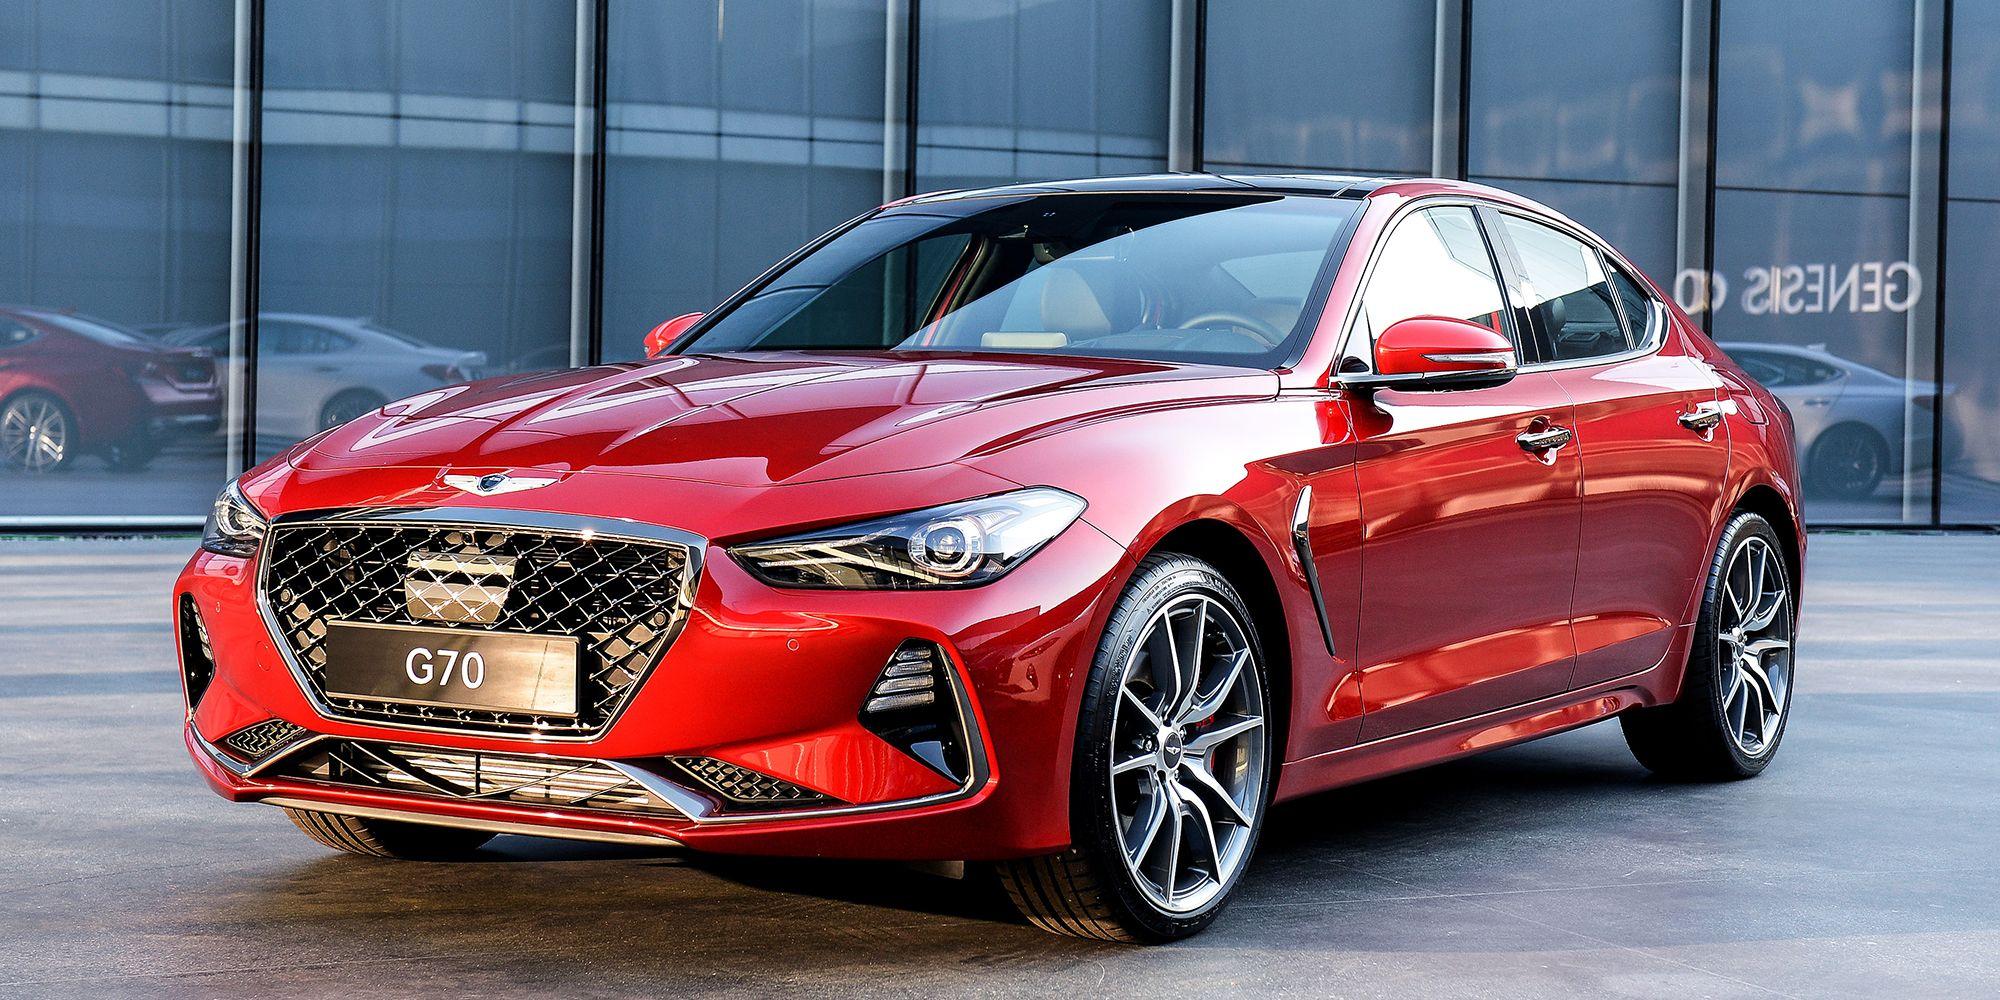 Worksheet. Hyundai Genesis G70 2018  Details on the New 2018 Genesis G70